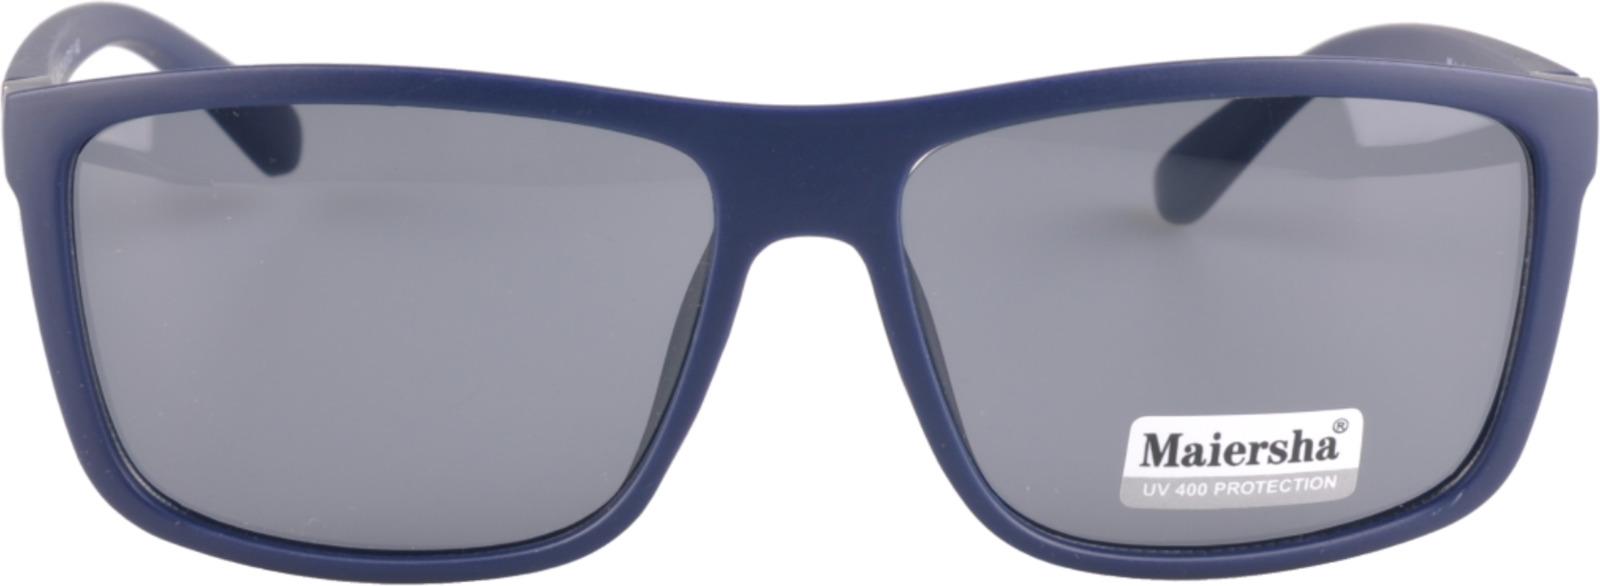 Очки солнцезащитные мужские Maiersha, 3826 С32-08, синий